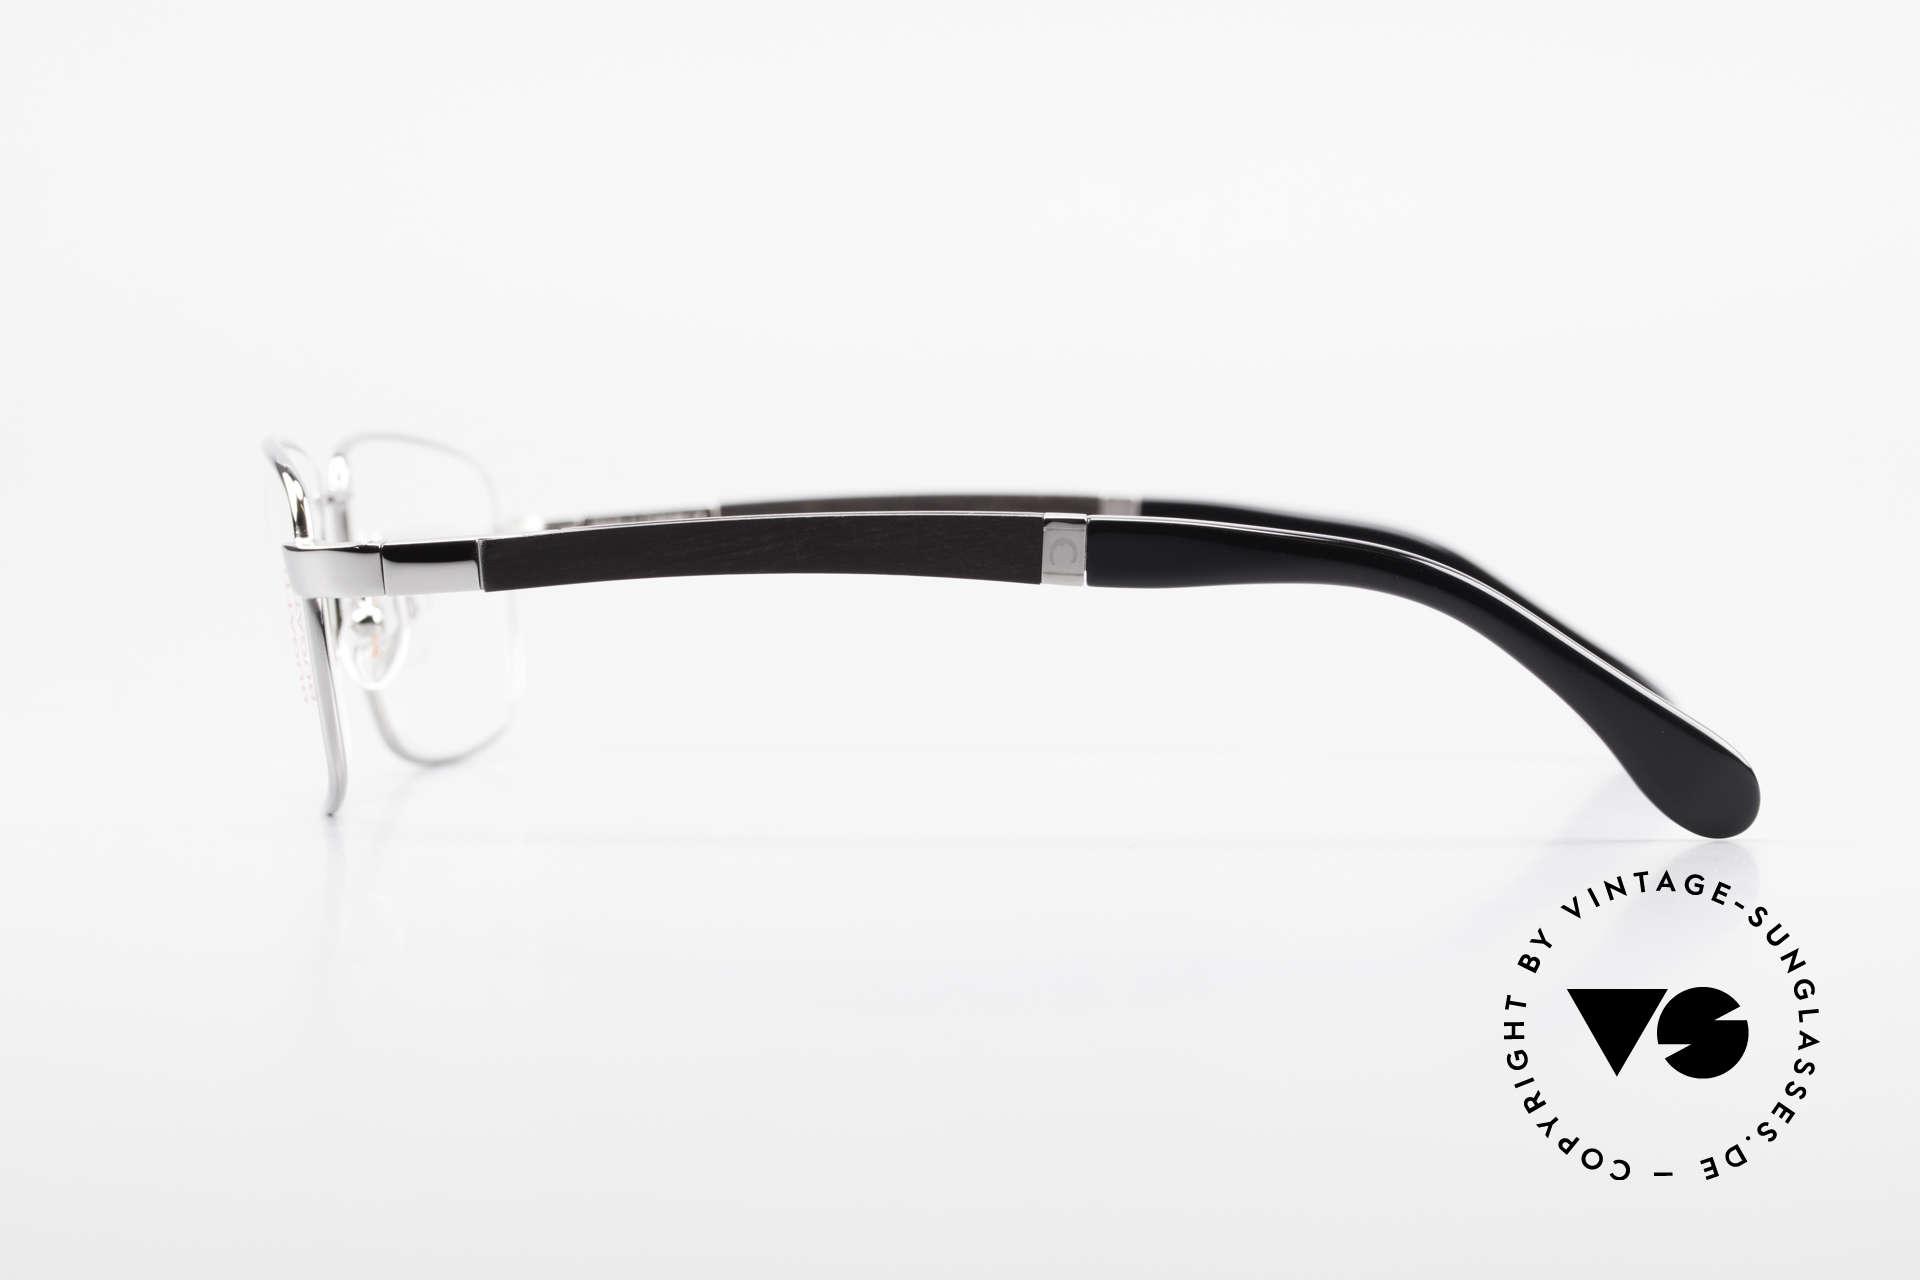 Bugatti 548 Ebenholz Ruthenium Brille L, flexible Federscharniere für eine optimale Passform, Passend für Herren